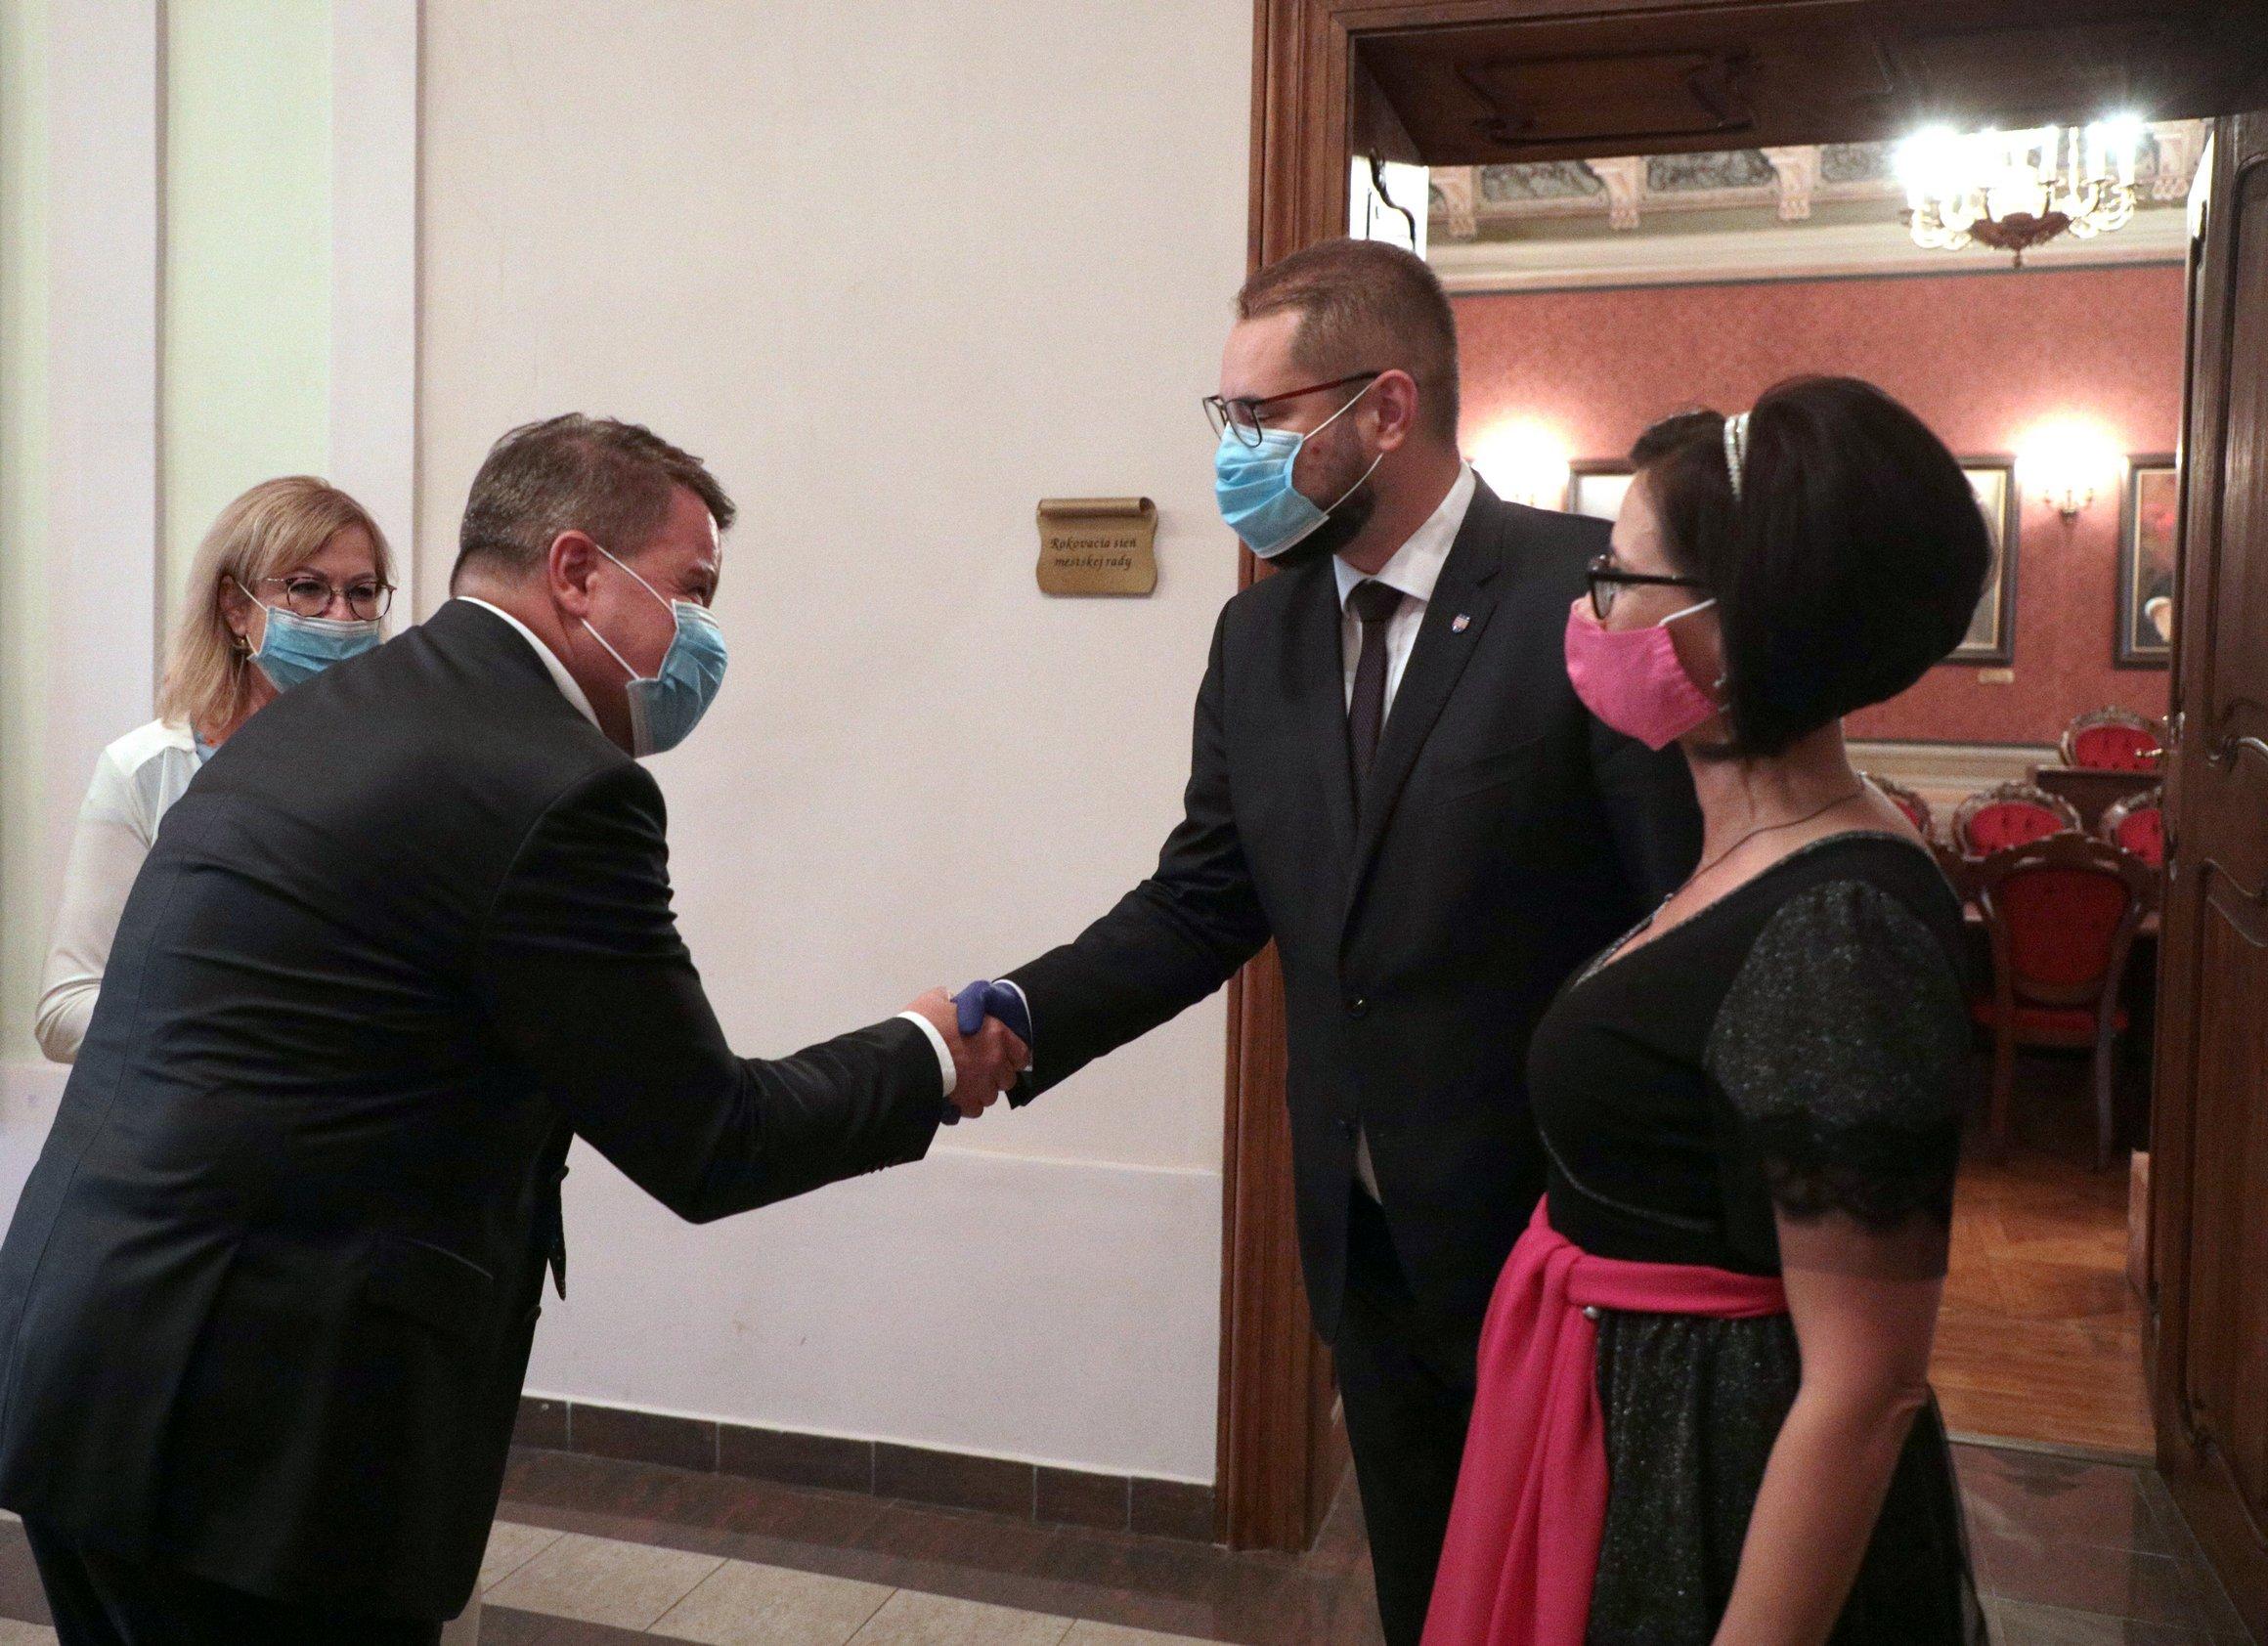 PrijatieIzraelskyVelvyslanec3